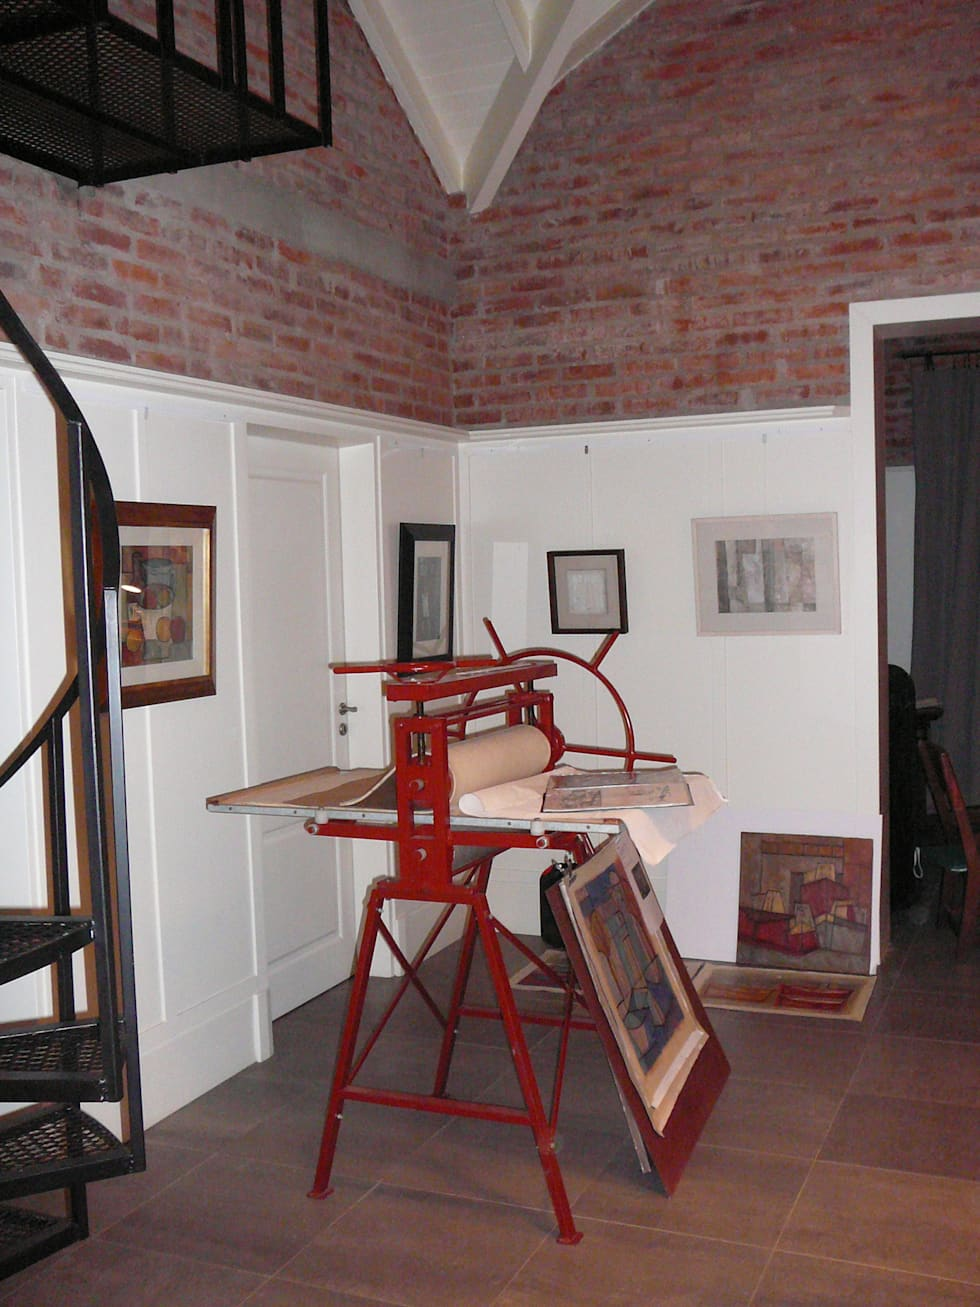 Taller de arte: Estudios y oficinas de estilo industrial por Estudio Dillon Terzaghi Arquitectura